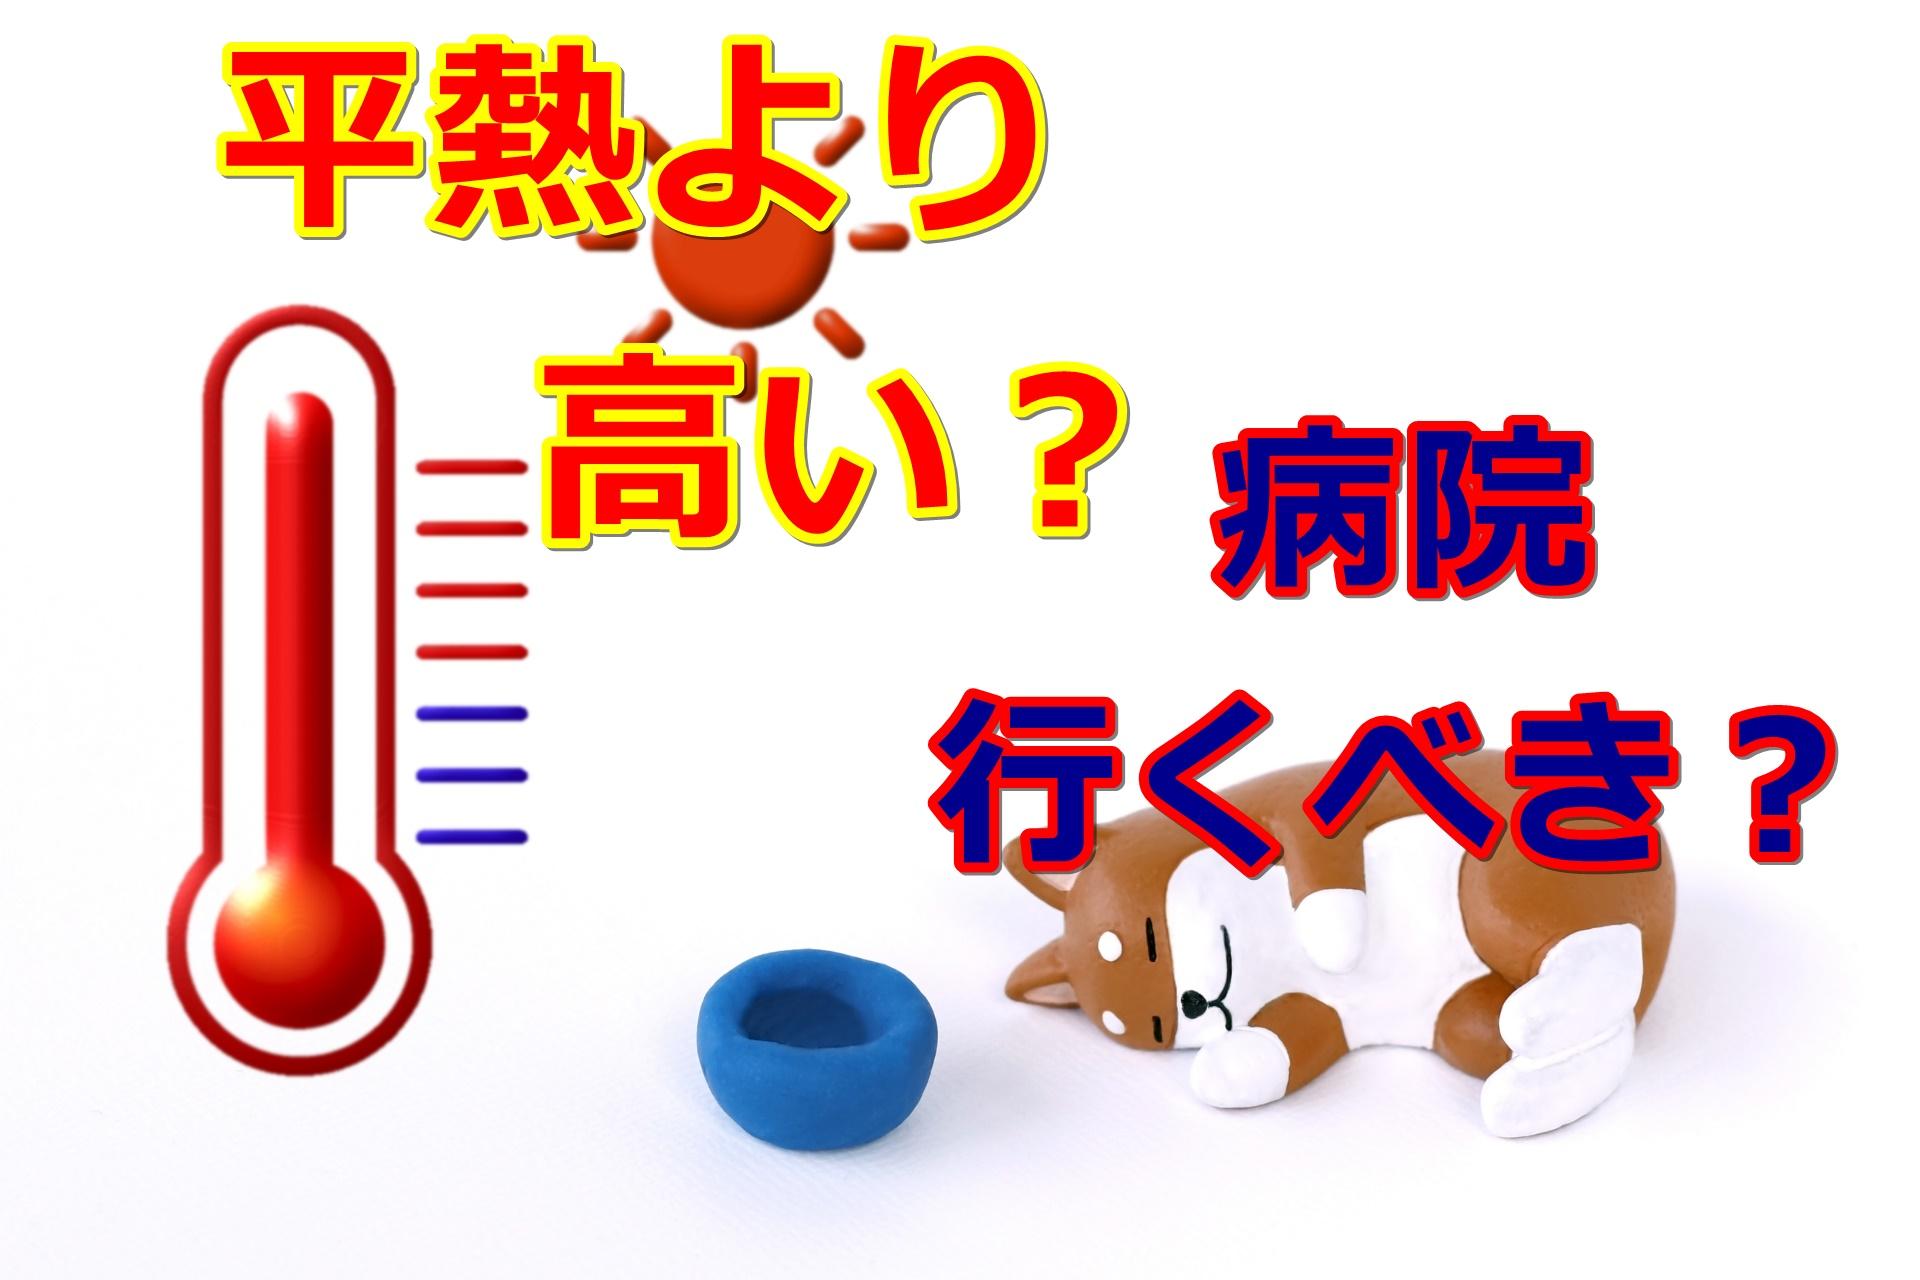 トイプードルの平熱は何度?すぐに病院に行くべき?